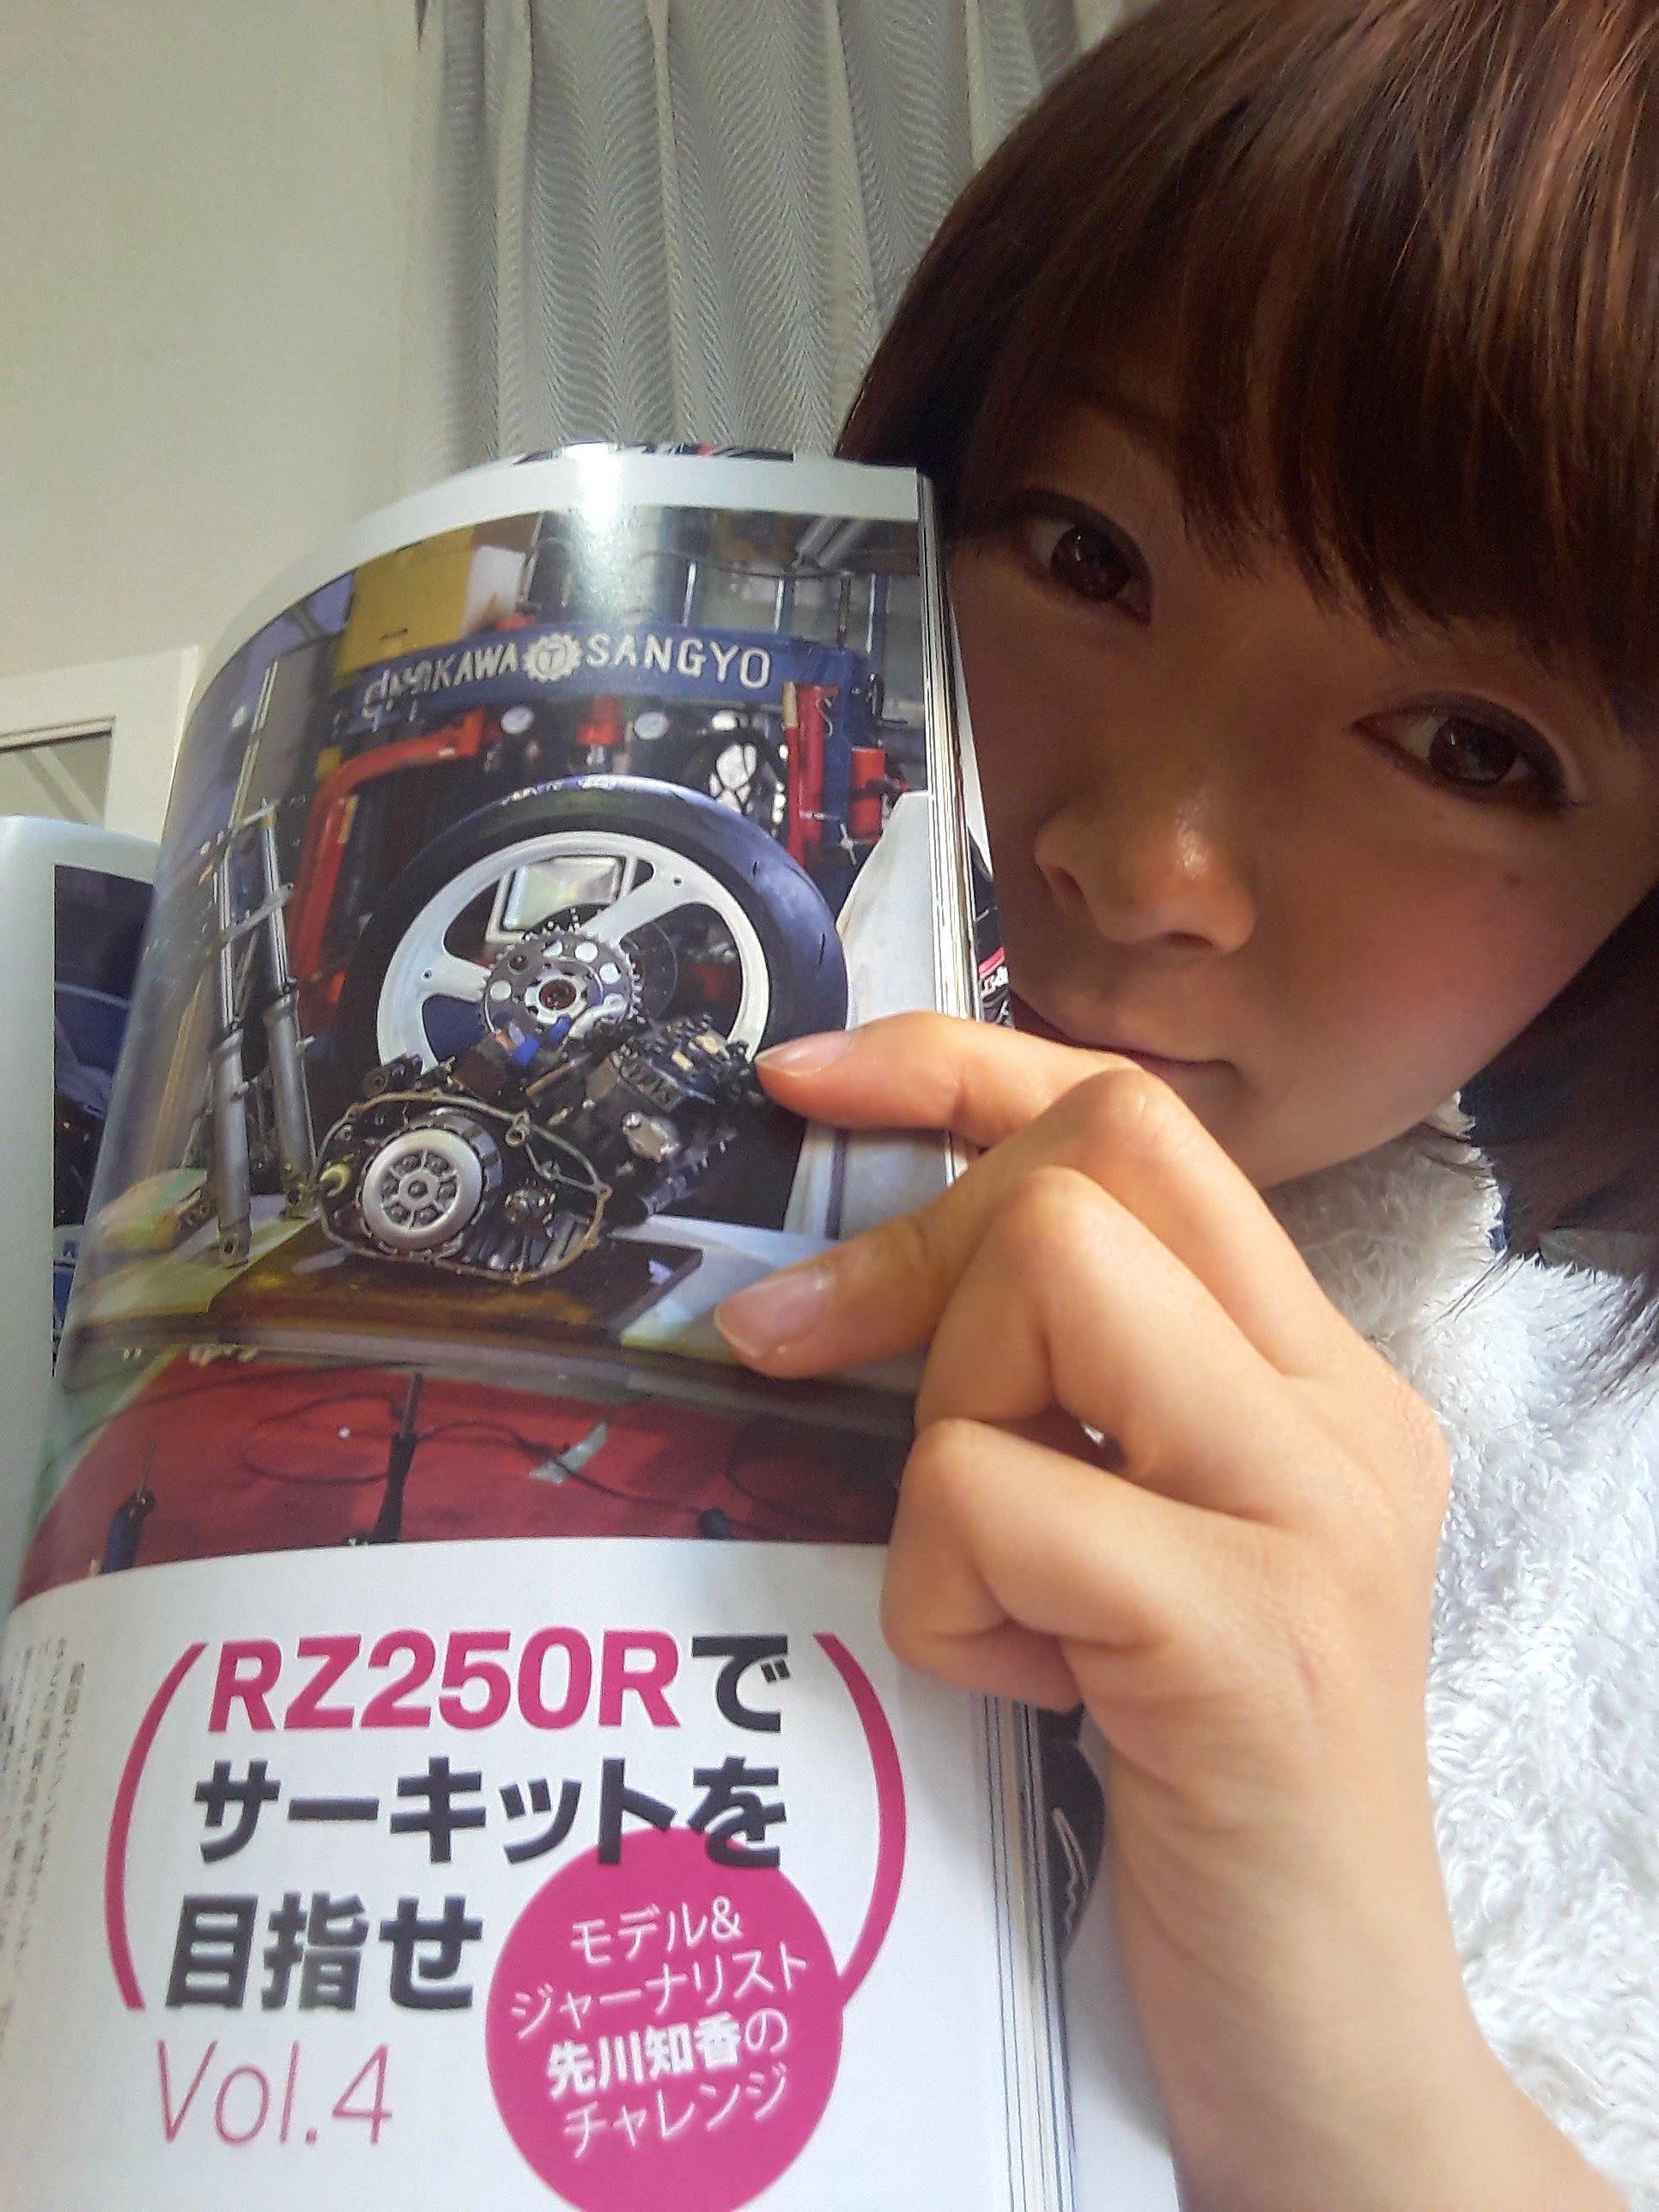 2ストロークマガジン Vol.15 (NEKO MOOK)が発売されました。